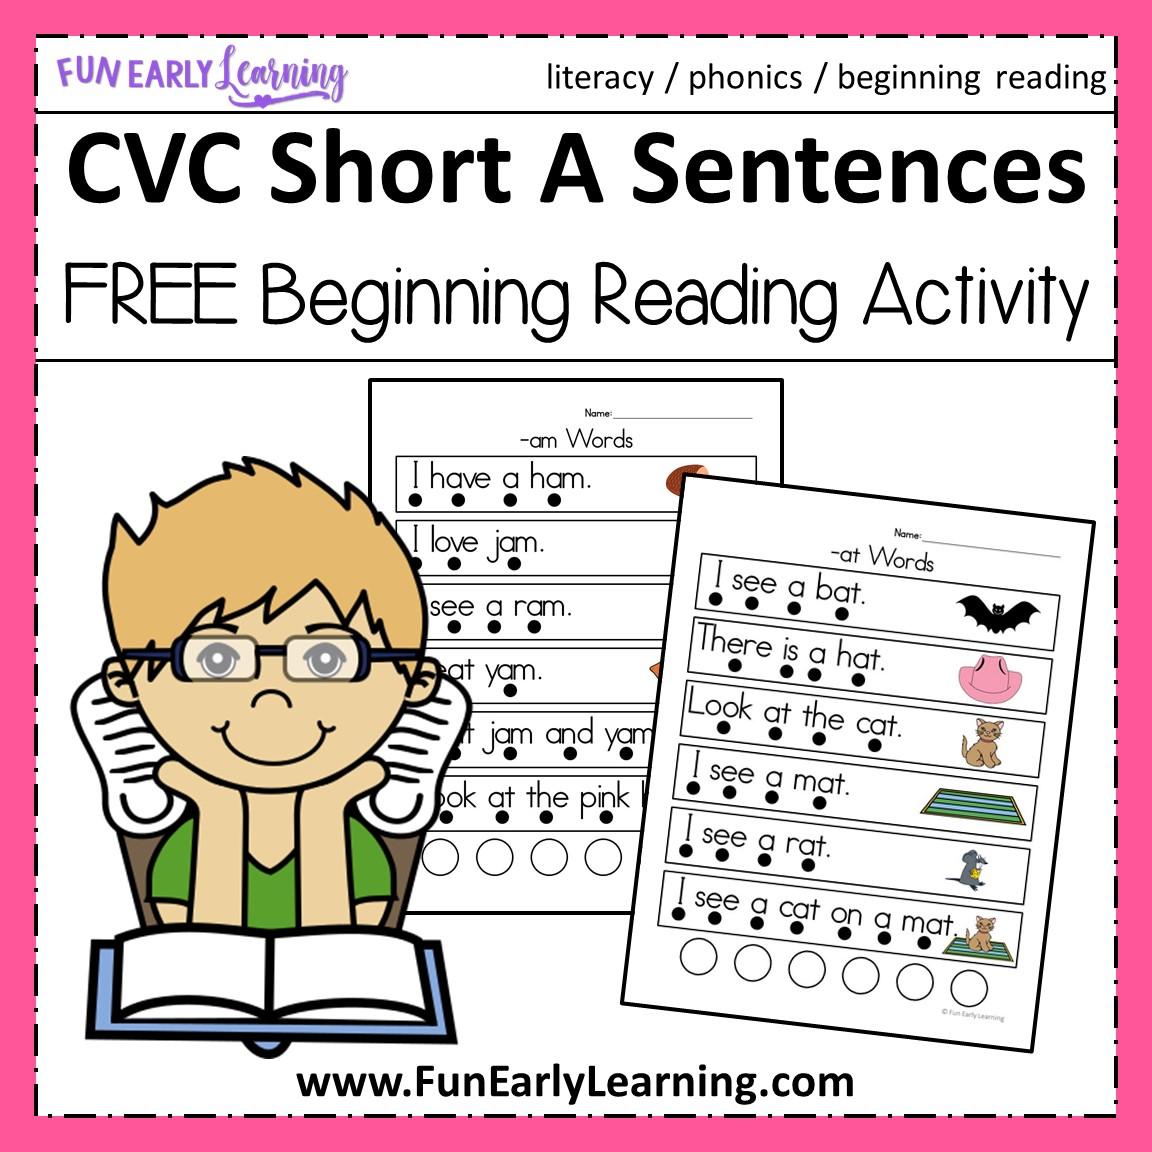 CVC Short A Sentences - Beginning Reading and Phonemic Awareness